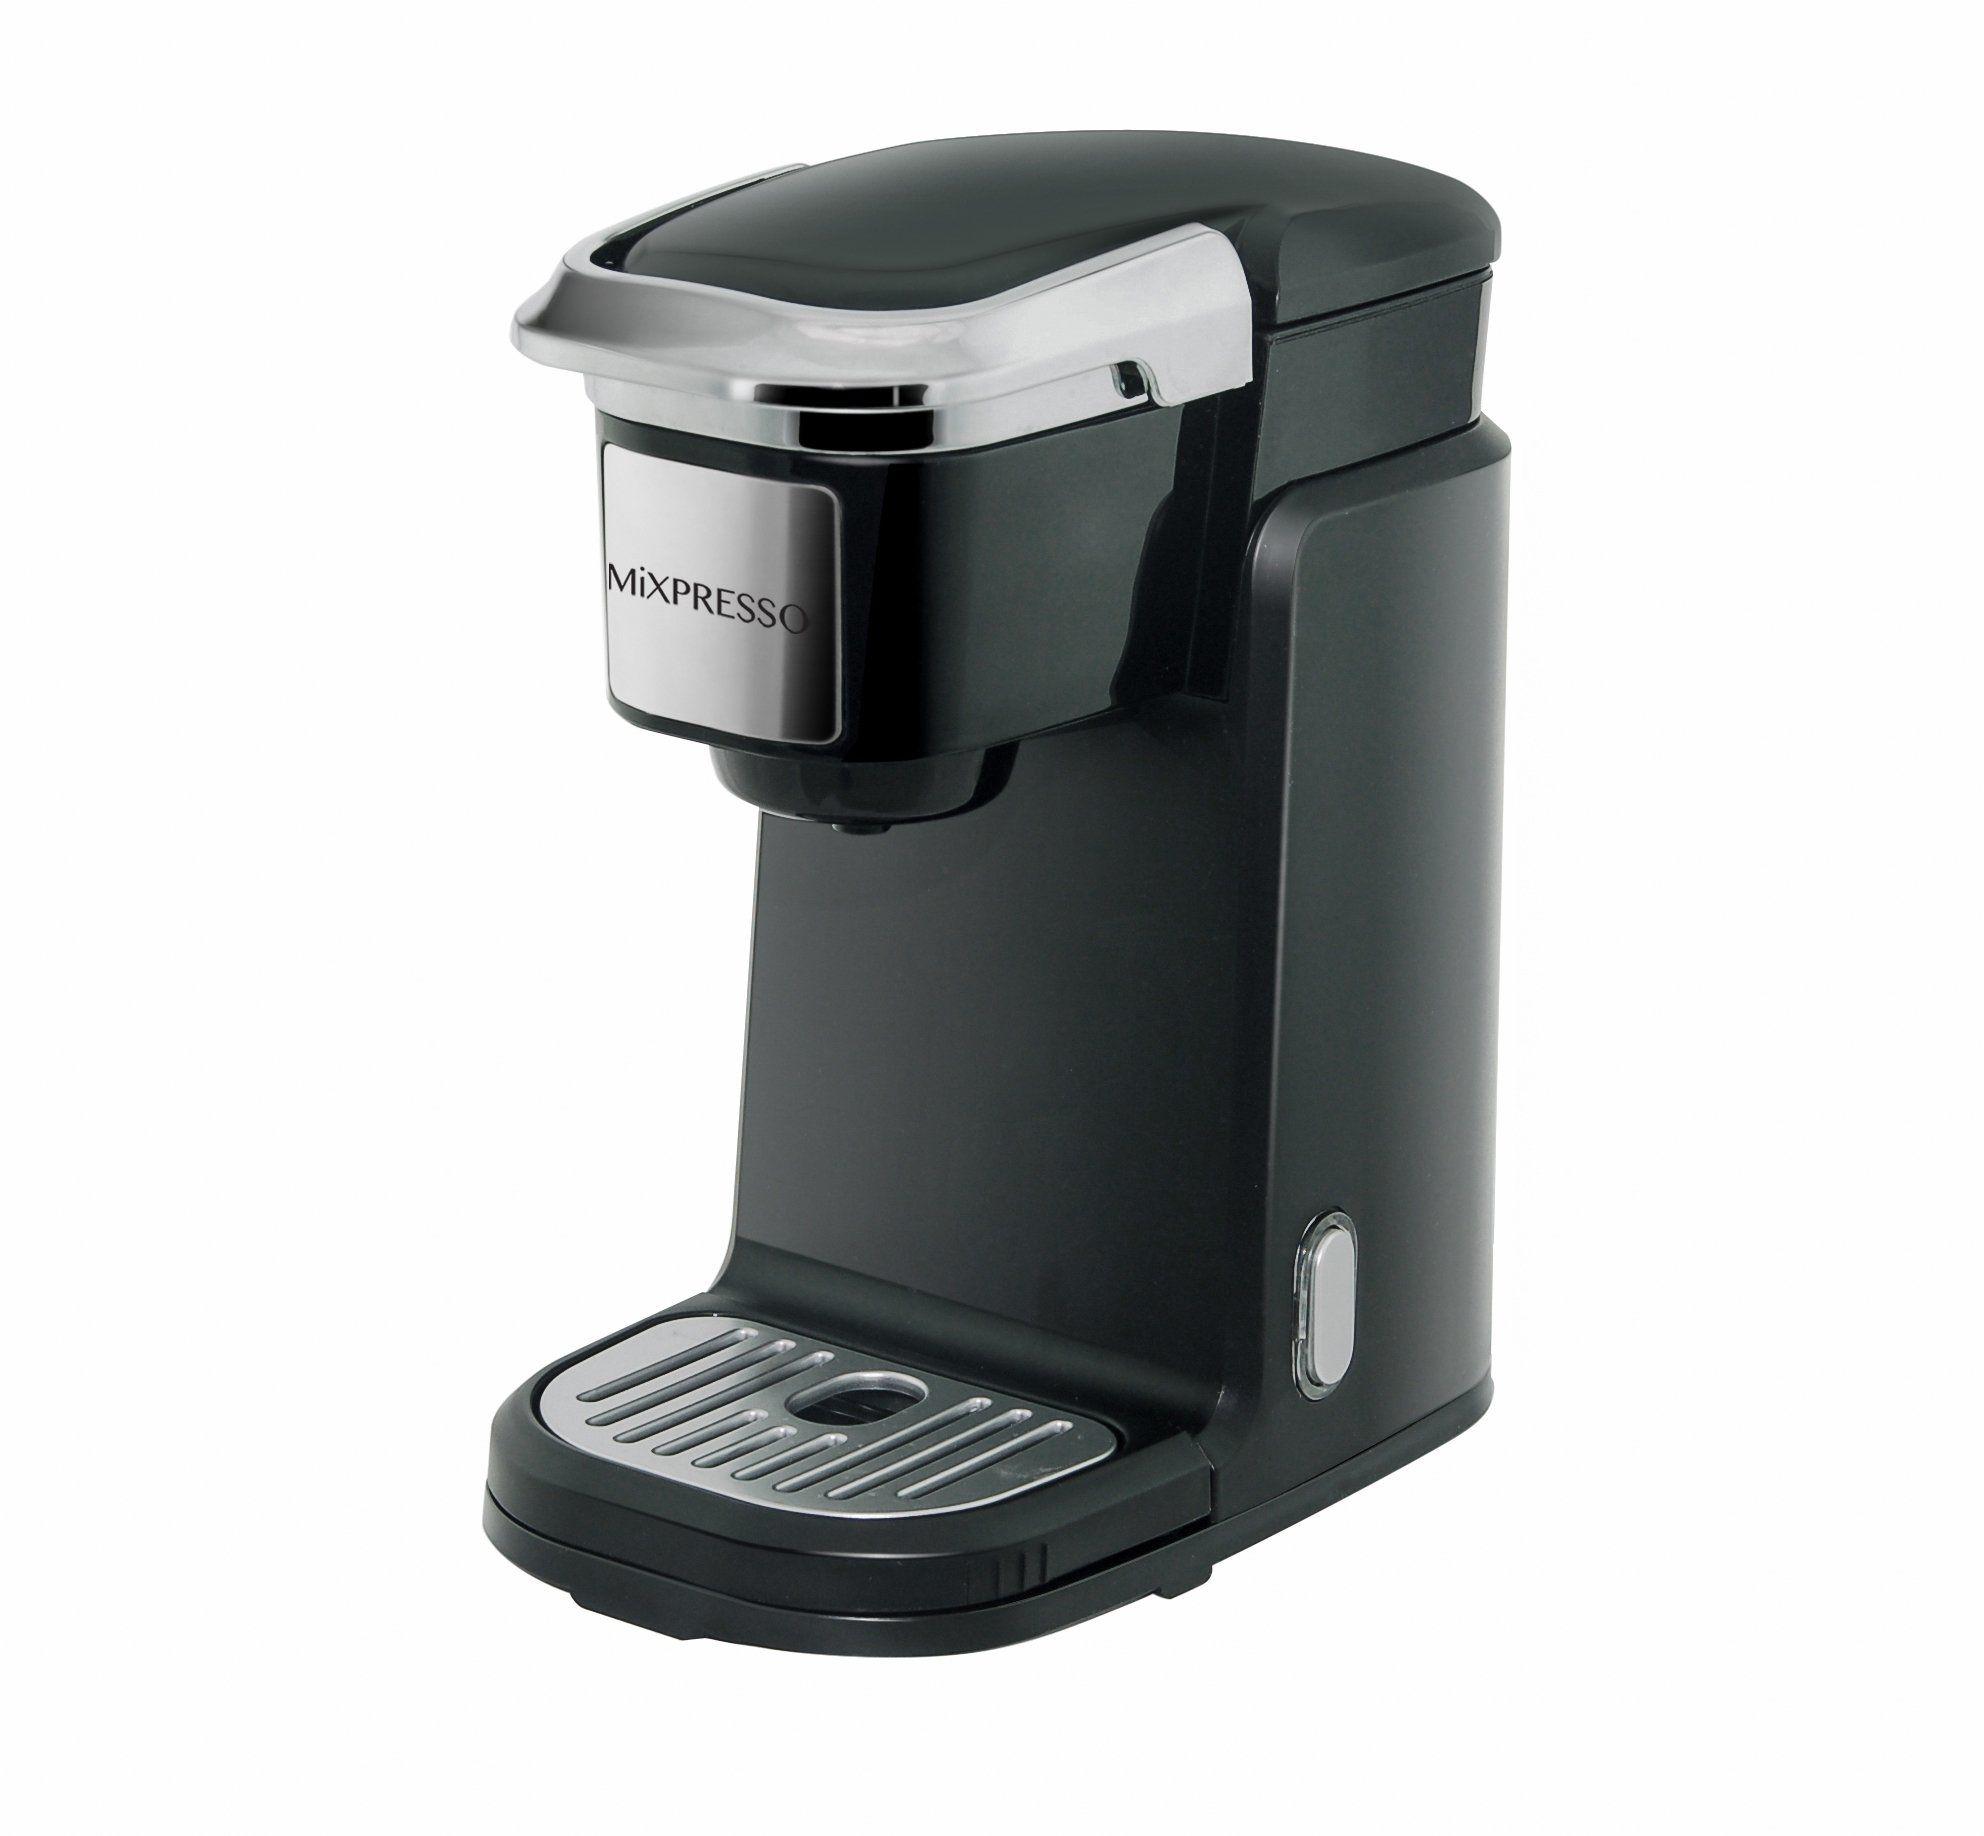 Mixpresso Coffee Single Serve Coffee Maker – Compatible